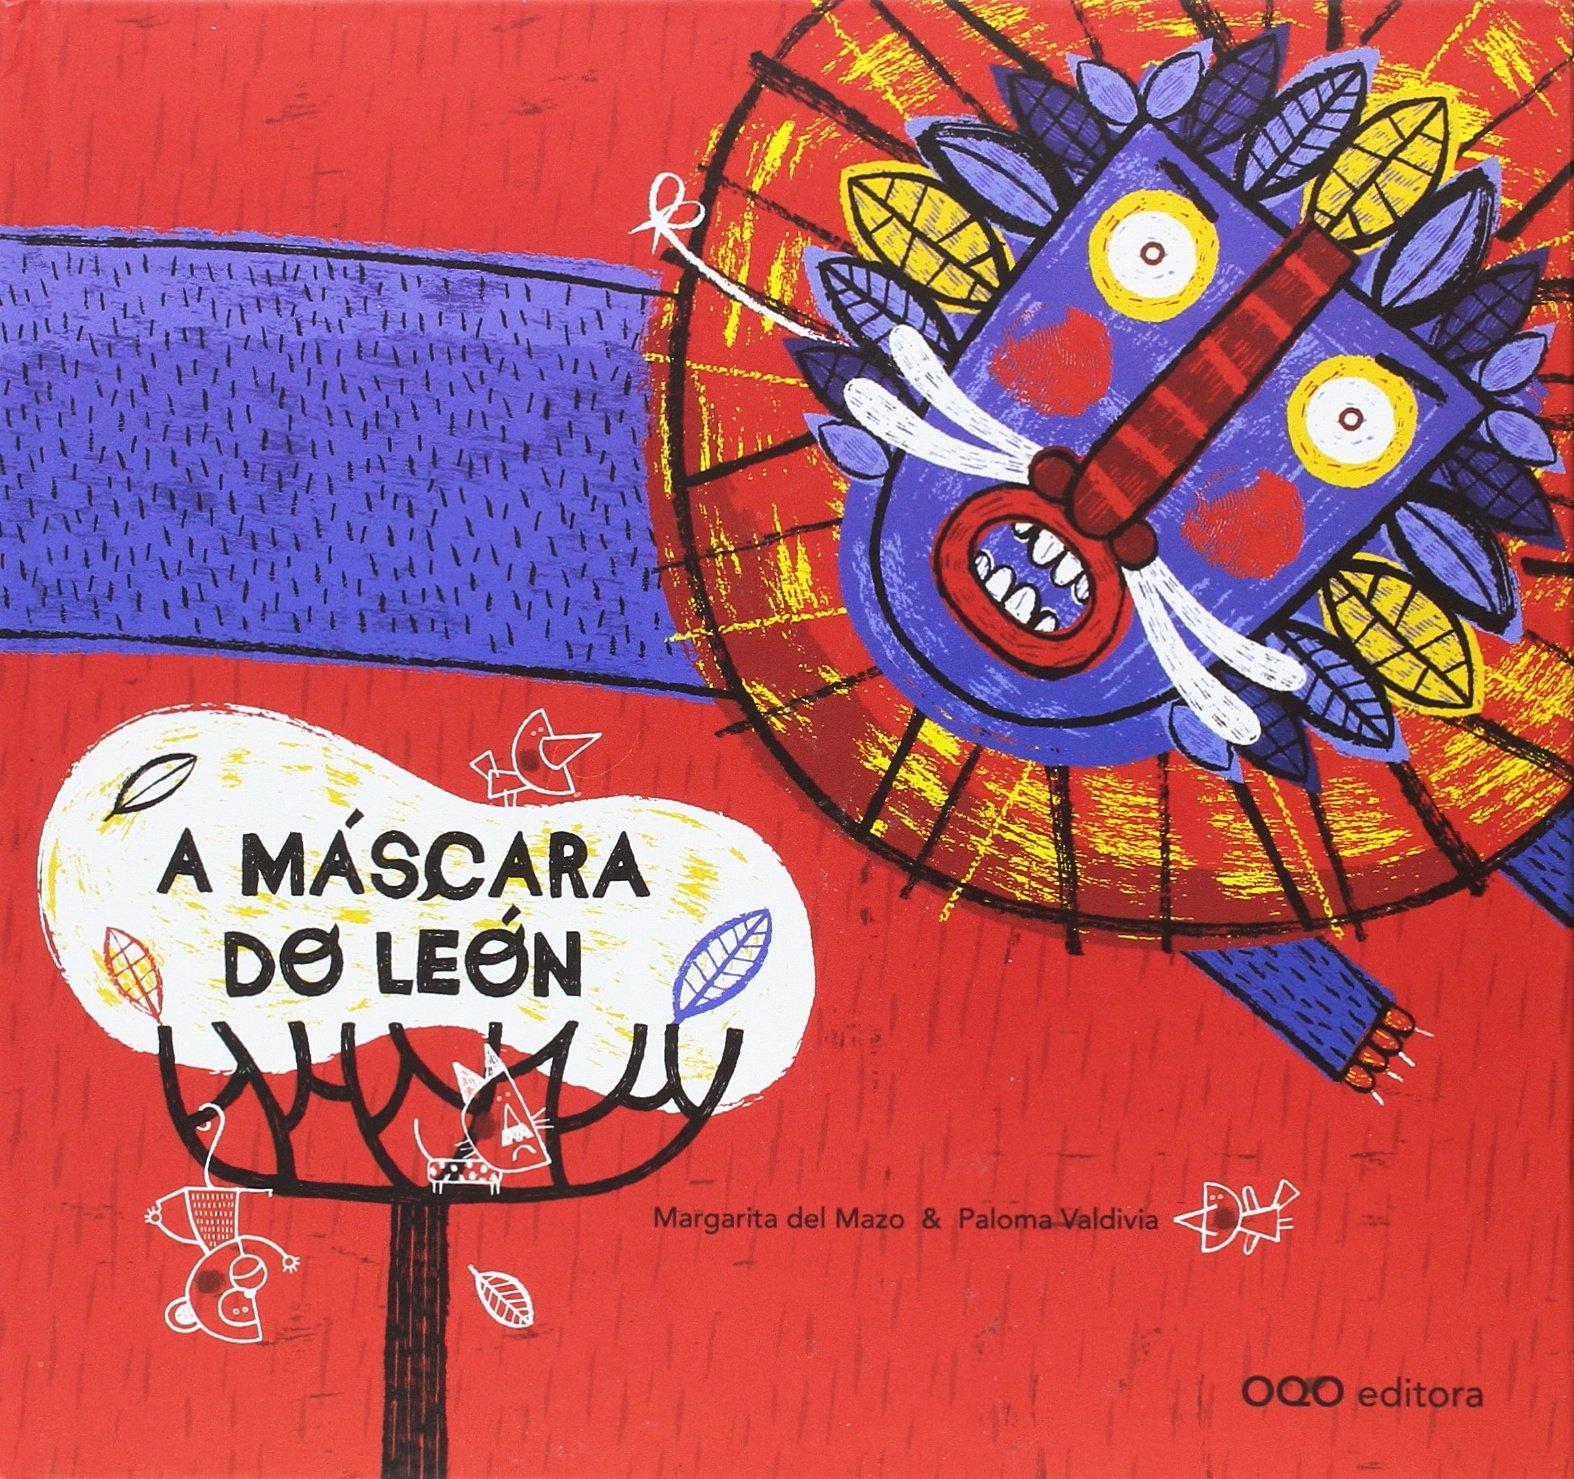 A mascara do leon (colección O): Amazon.es: Margarita del Mazo Fernández, Paloma Valdivia Barria, Antón Fortes: Libros